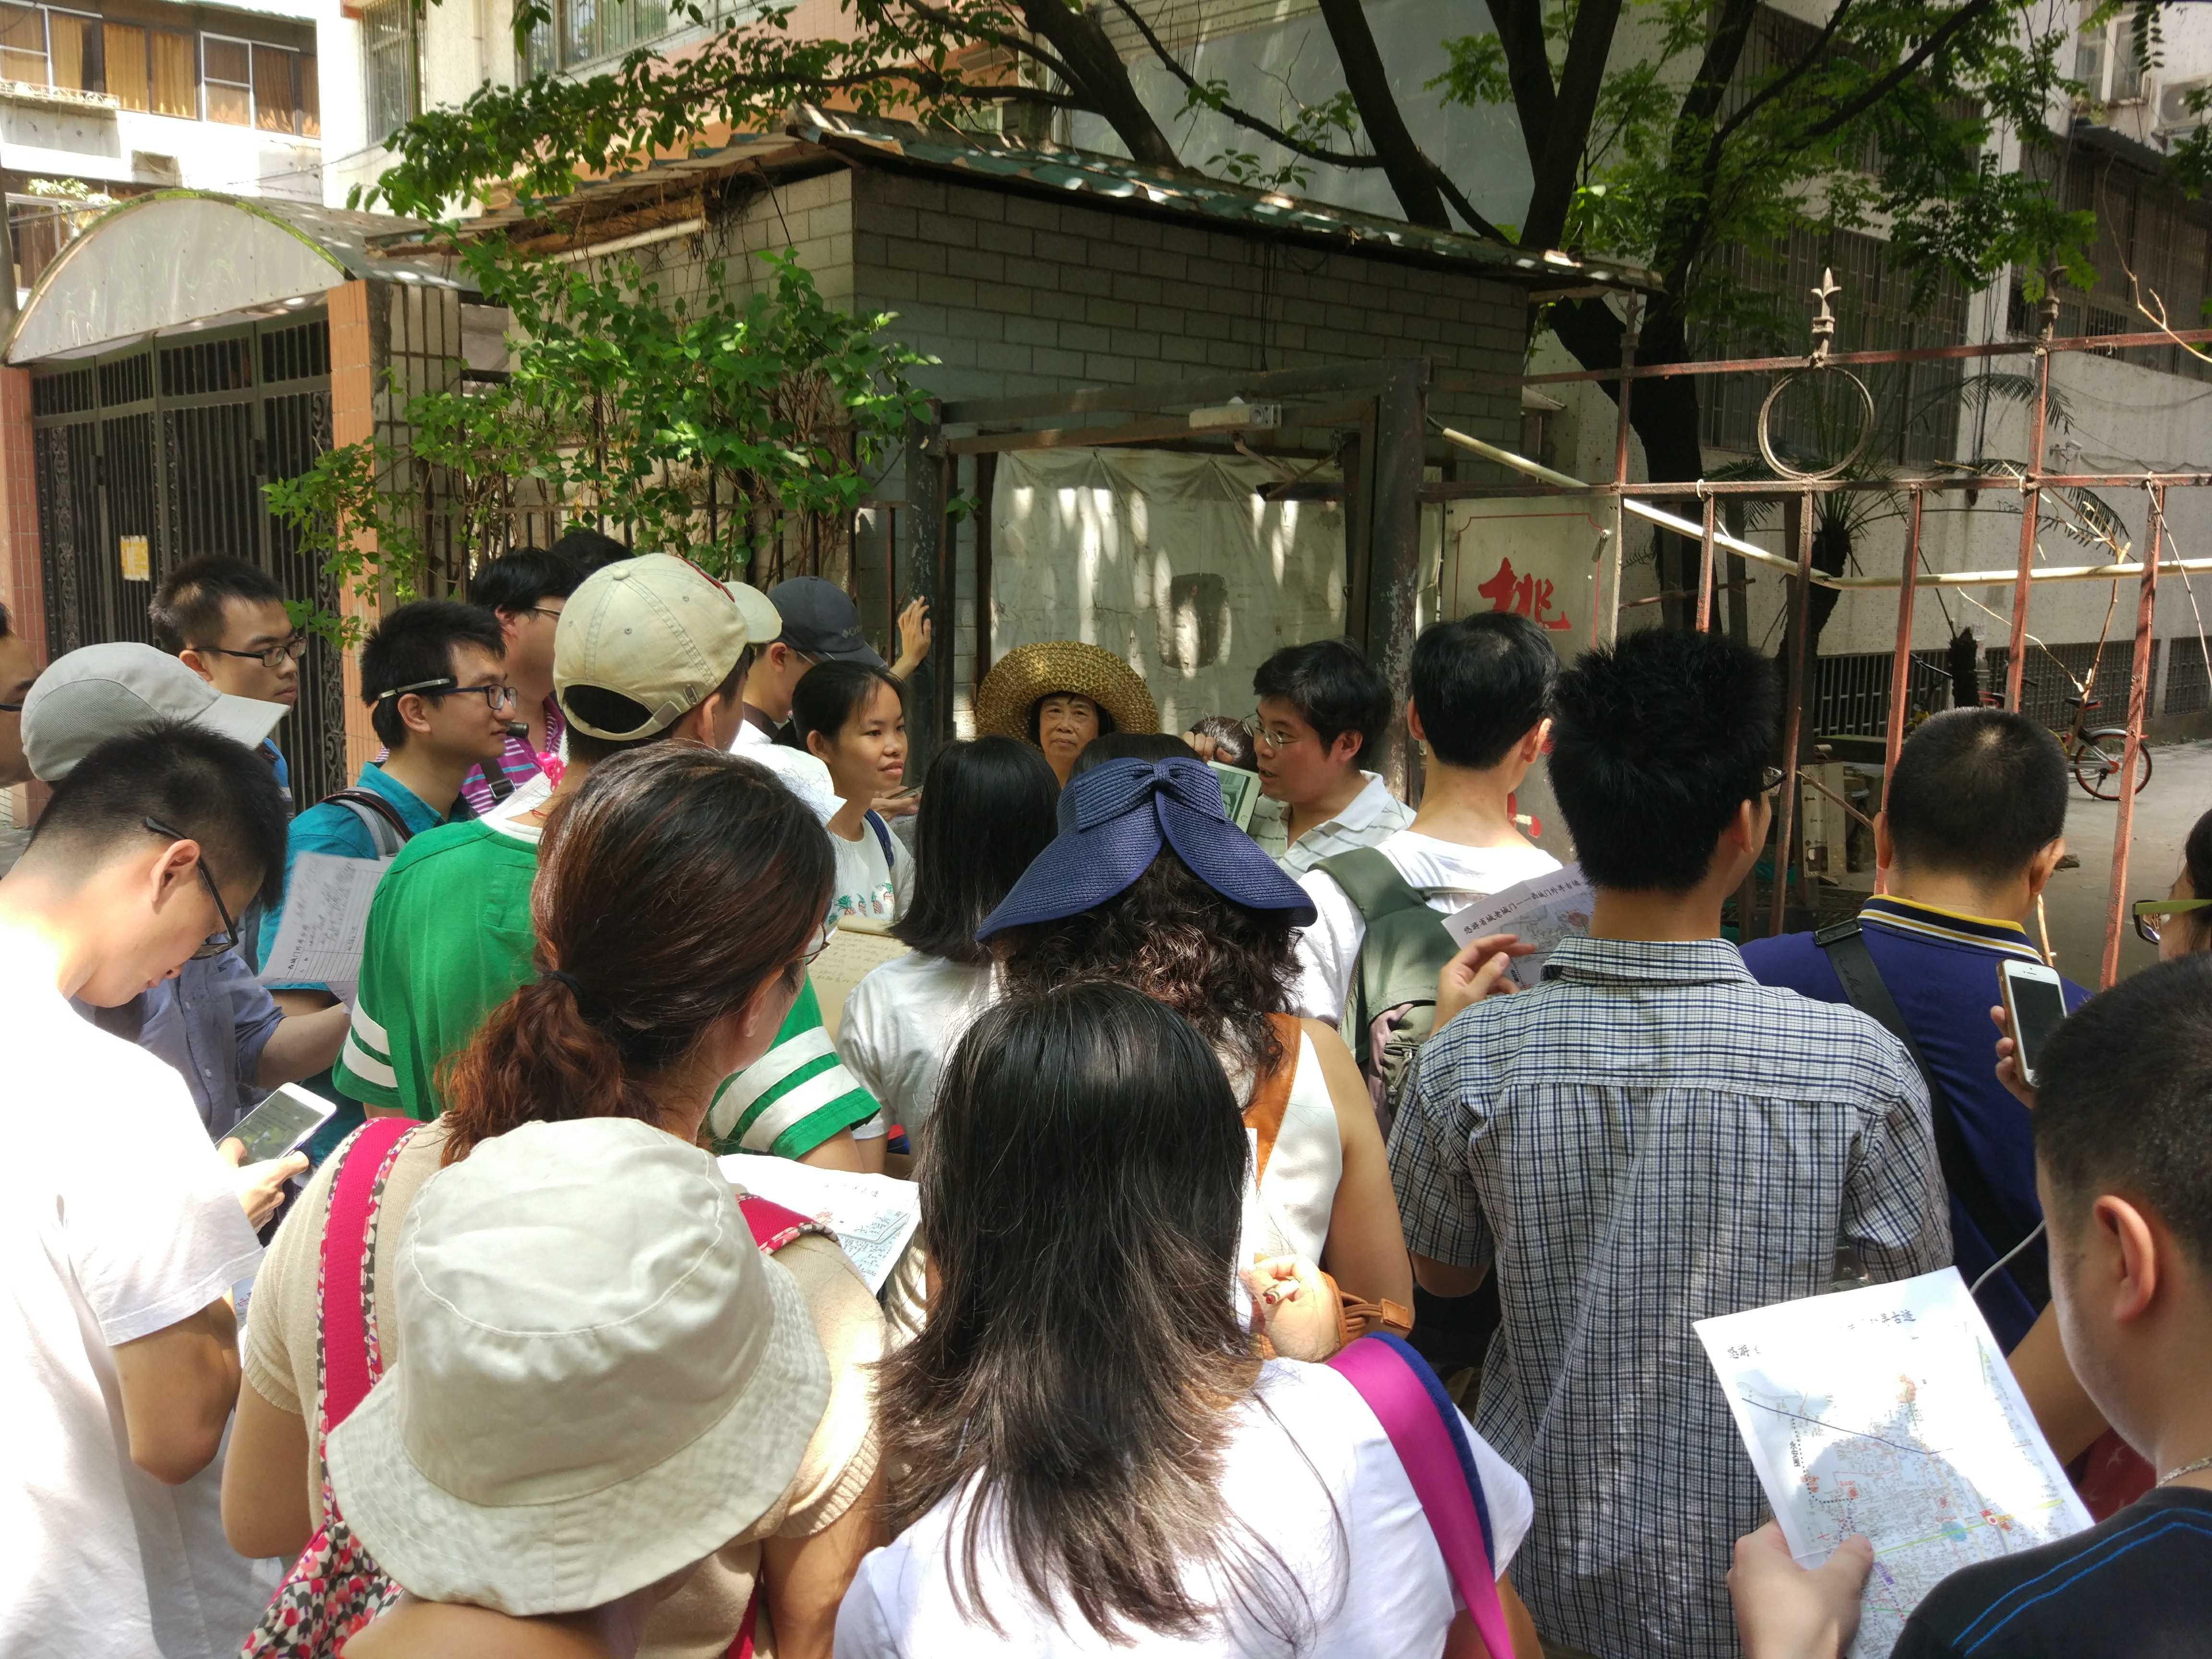 8月:悠游省城老城门——西城门外古迹寻踪